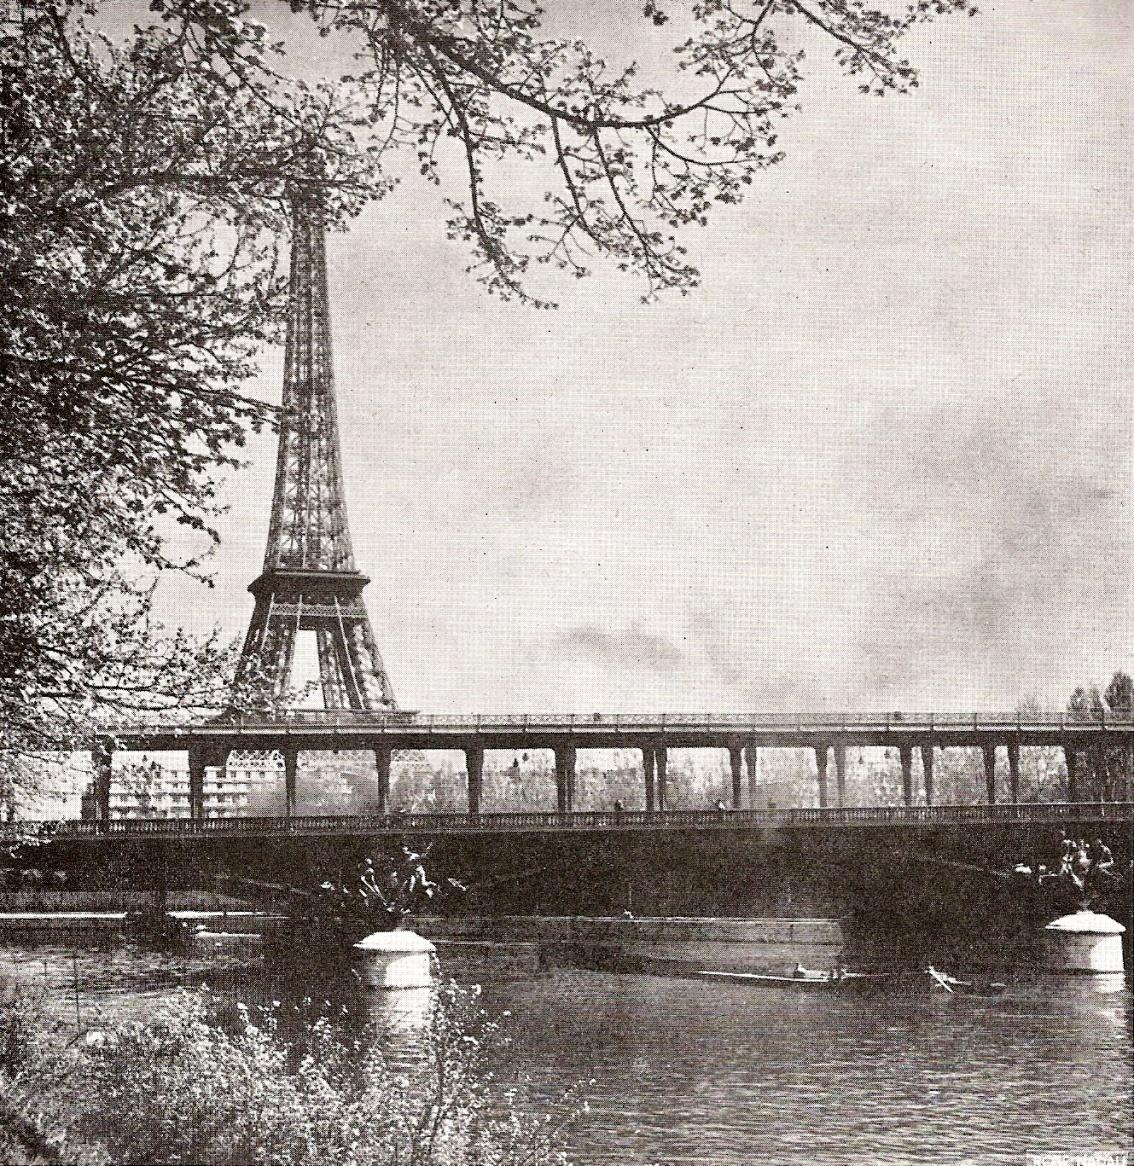 Le pont Bir-Hakeim à Paris